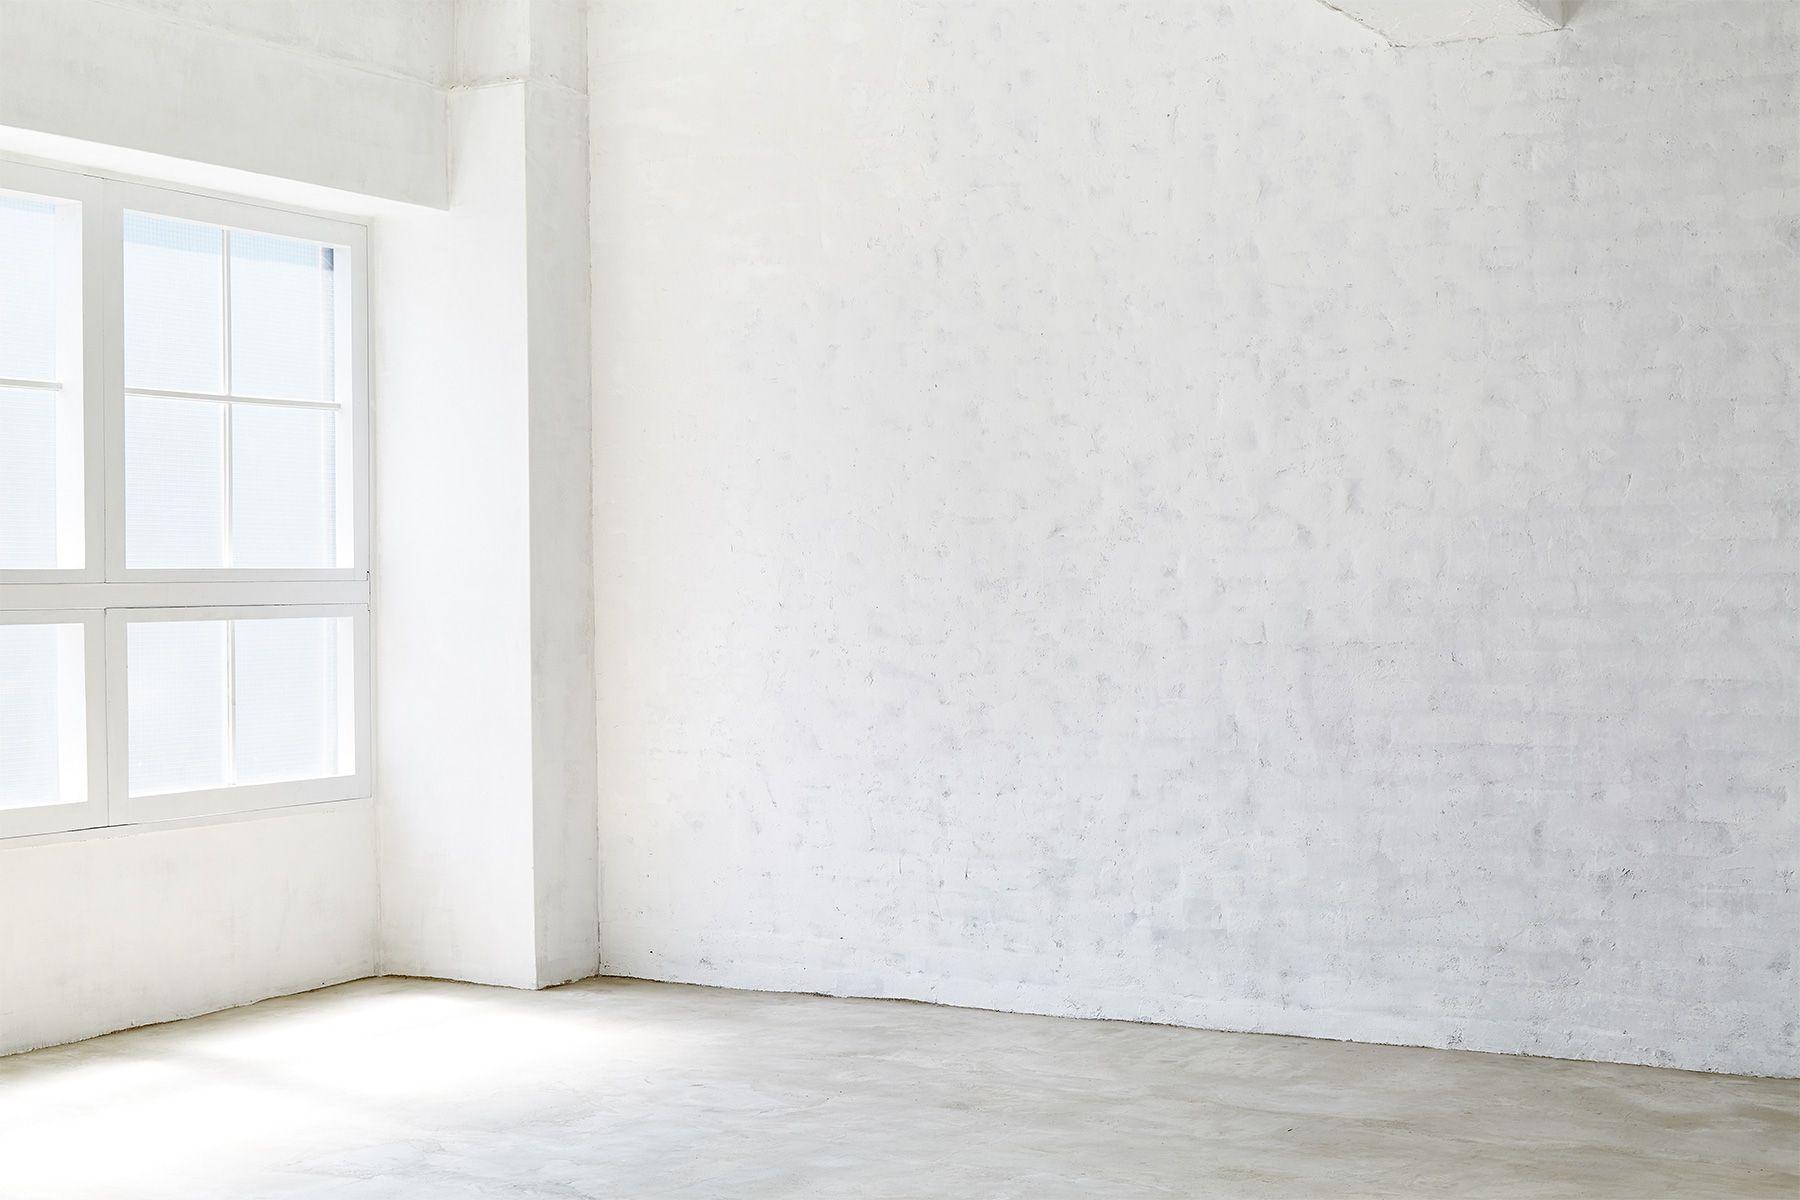 Studio 5th NAKAMEGURO (スタジオフィフス)フローリング側の壁面